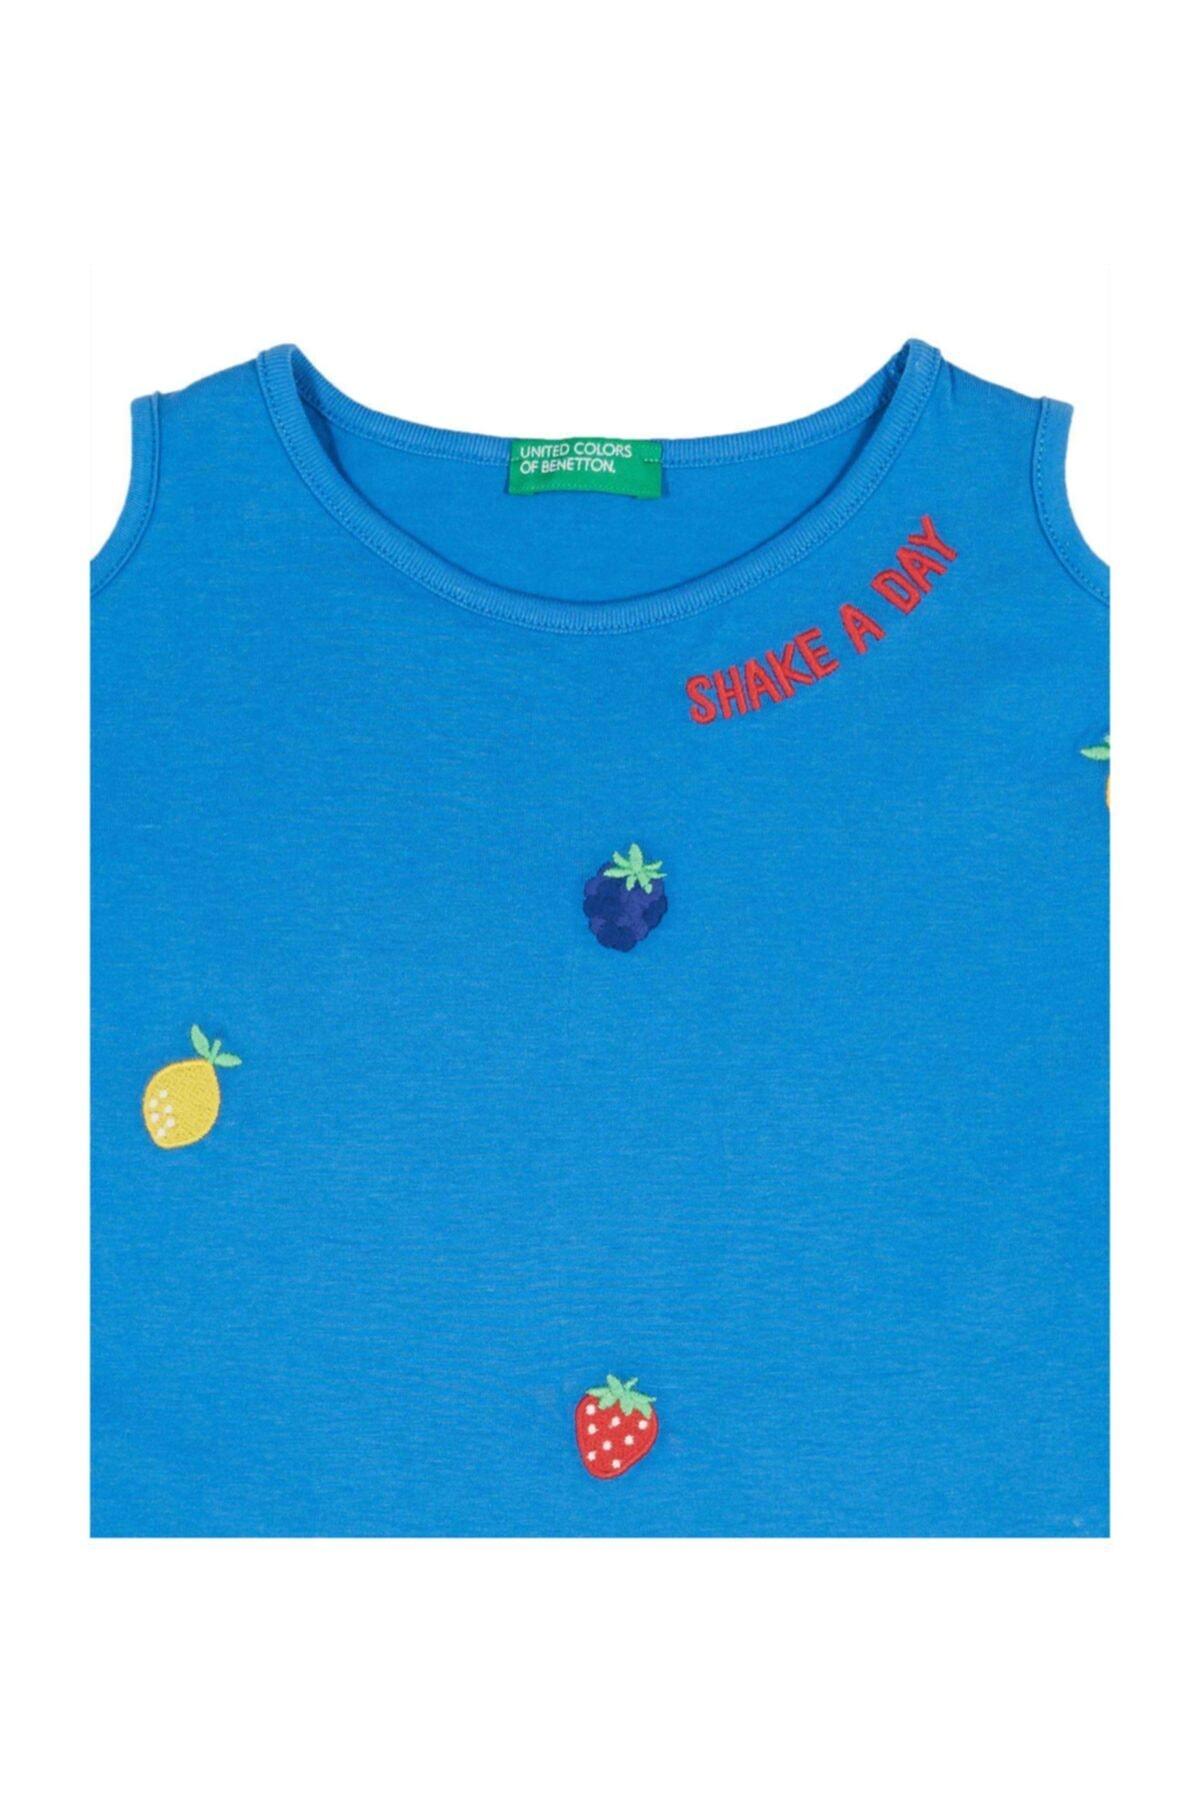 United Colors of Benetton Meyve Işlemeli Açık Omuzlu Tshirt 2